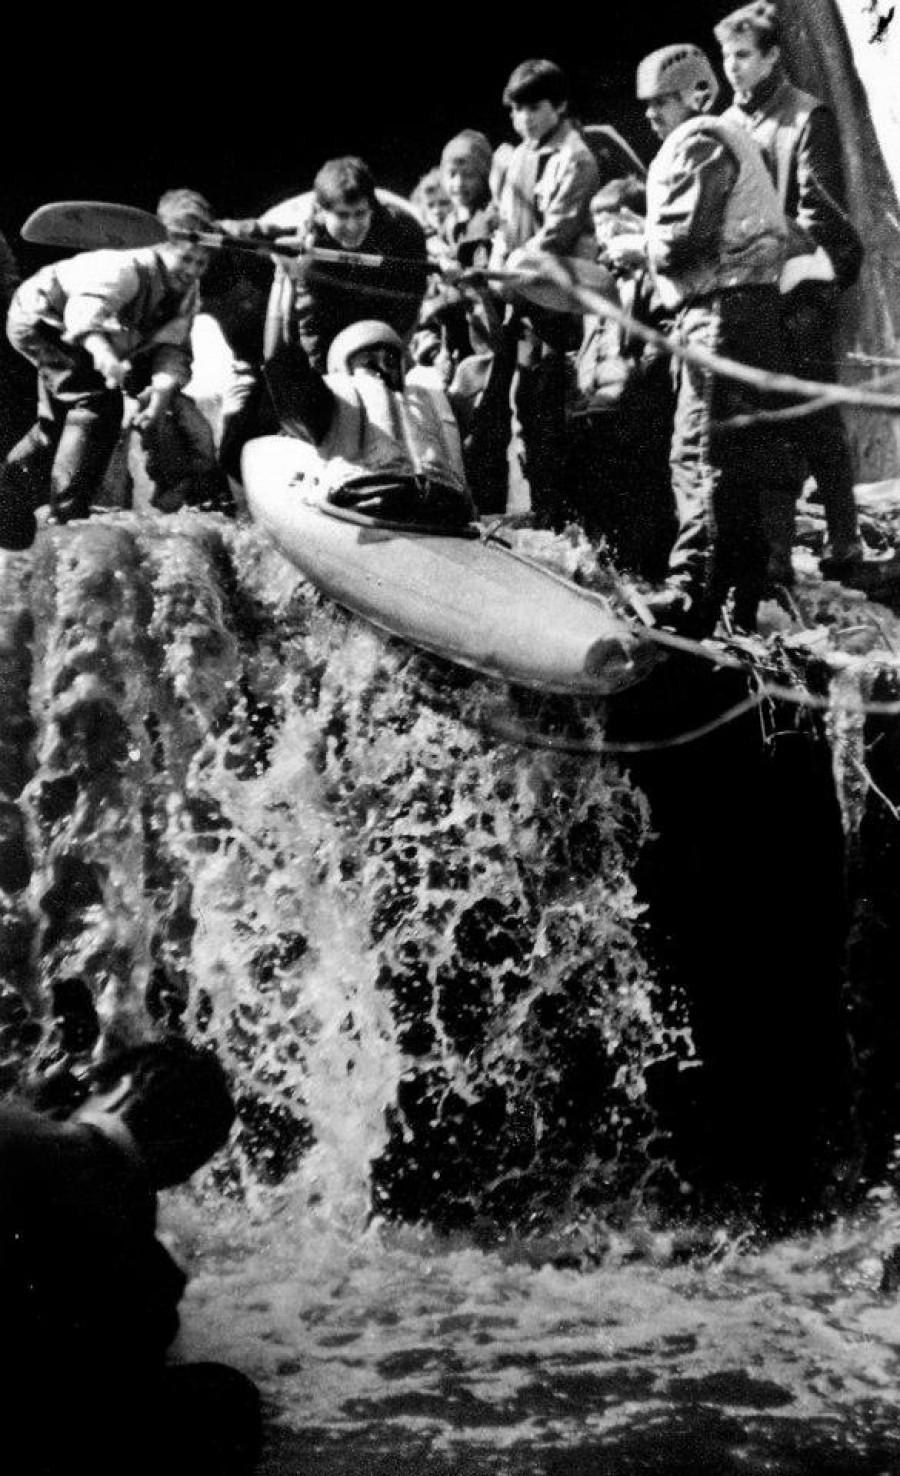 Барнаульские сплавщики штурмуют водопад на Пивоварке. Апрель 1993 года.